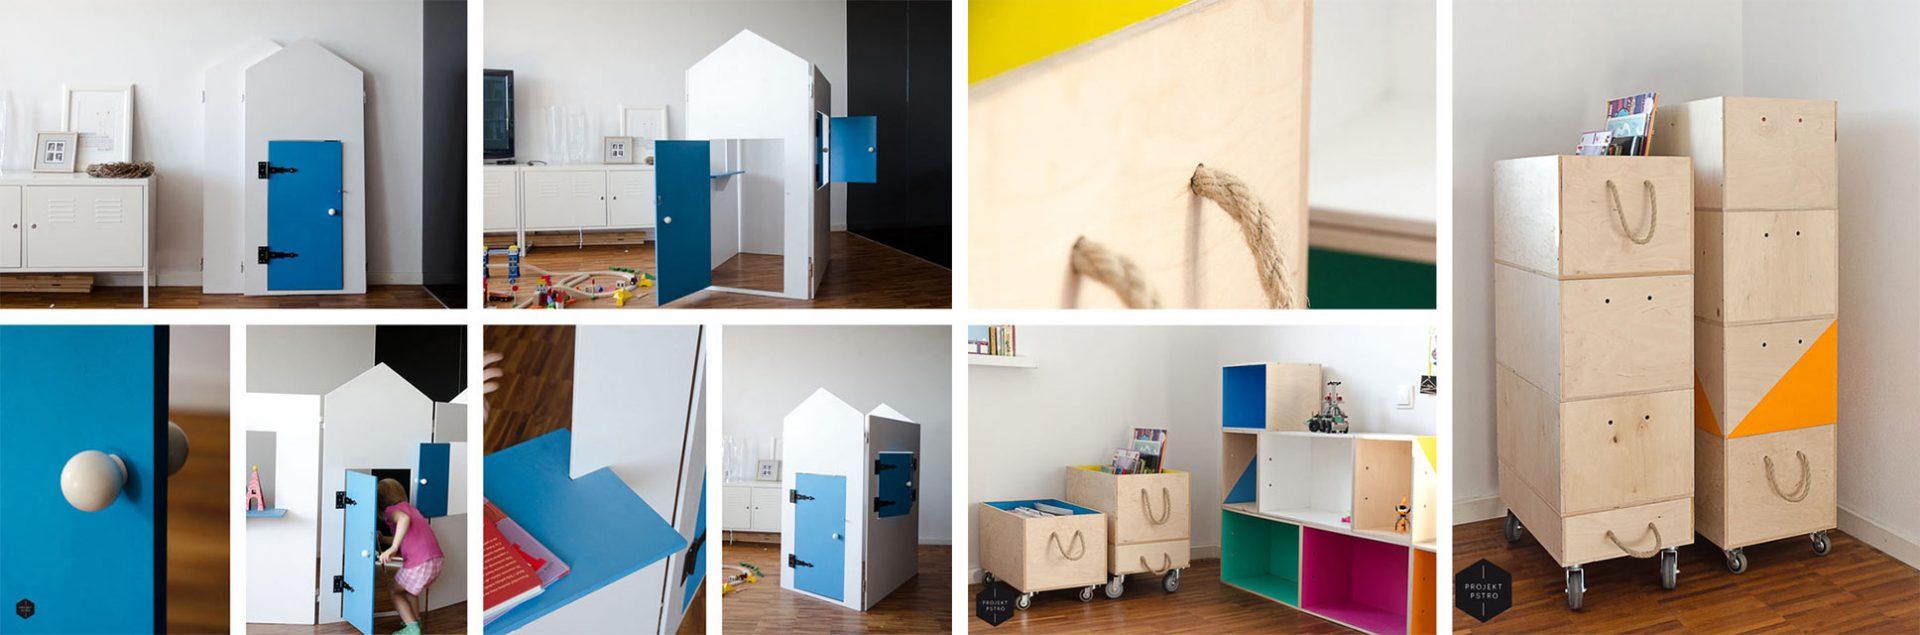 drewniany-domek-dla-dzieci-ze-sklejki